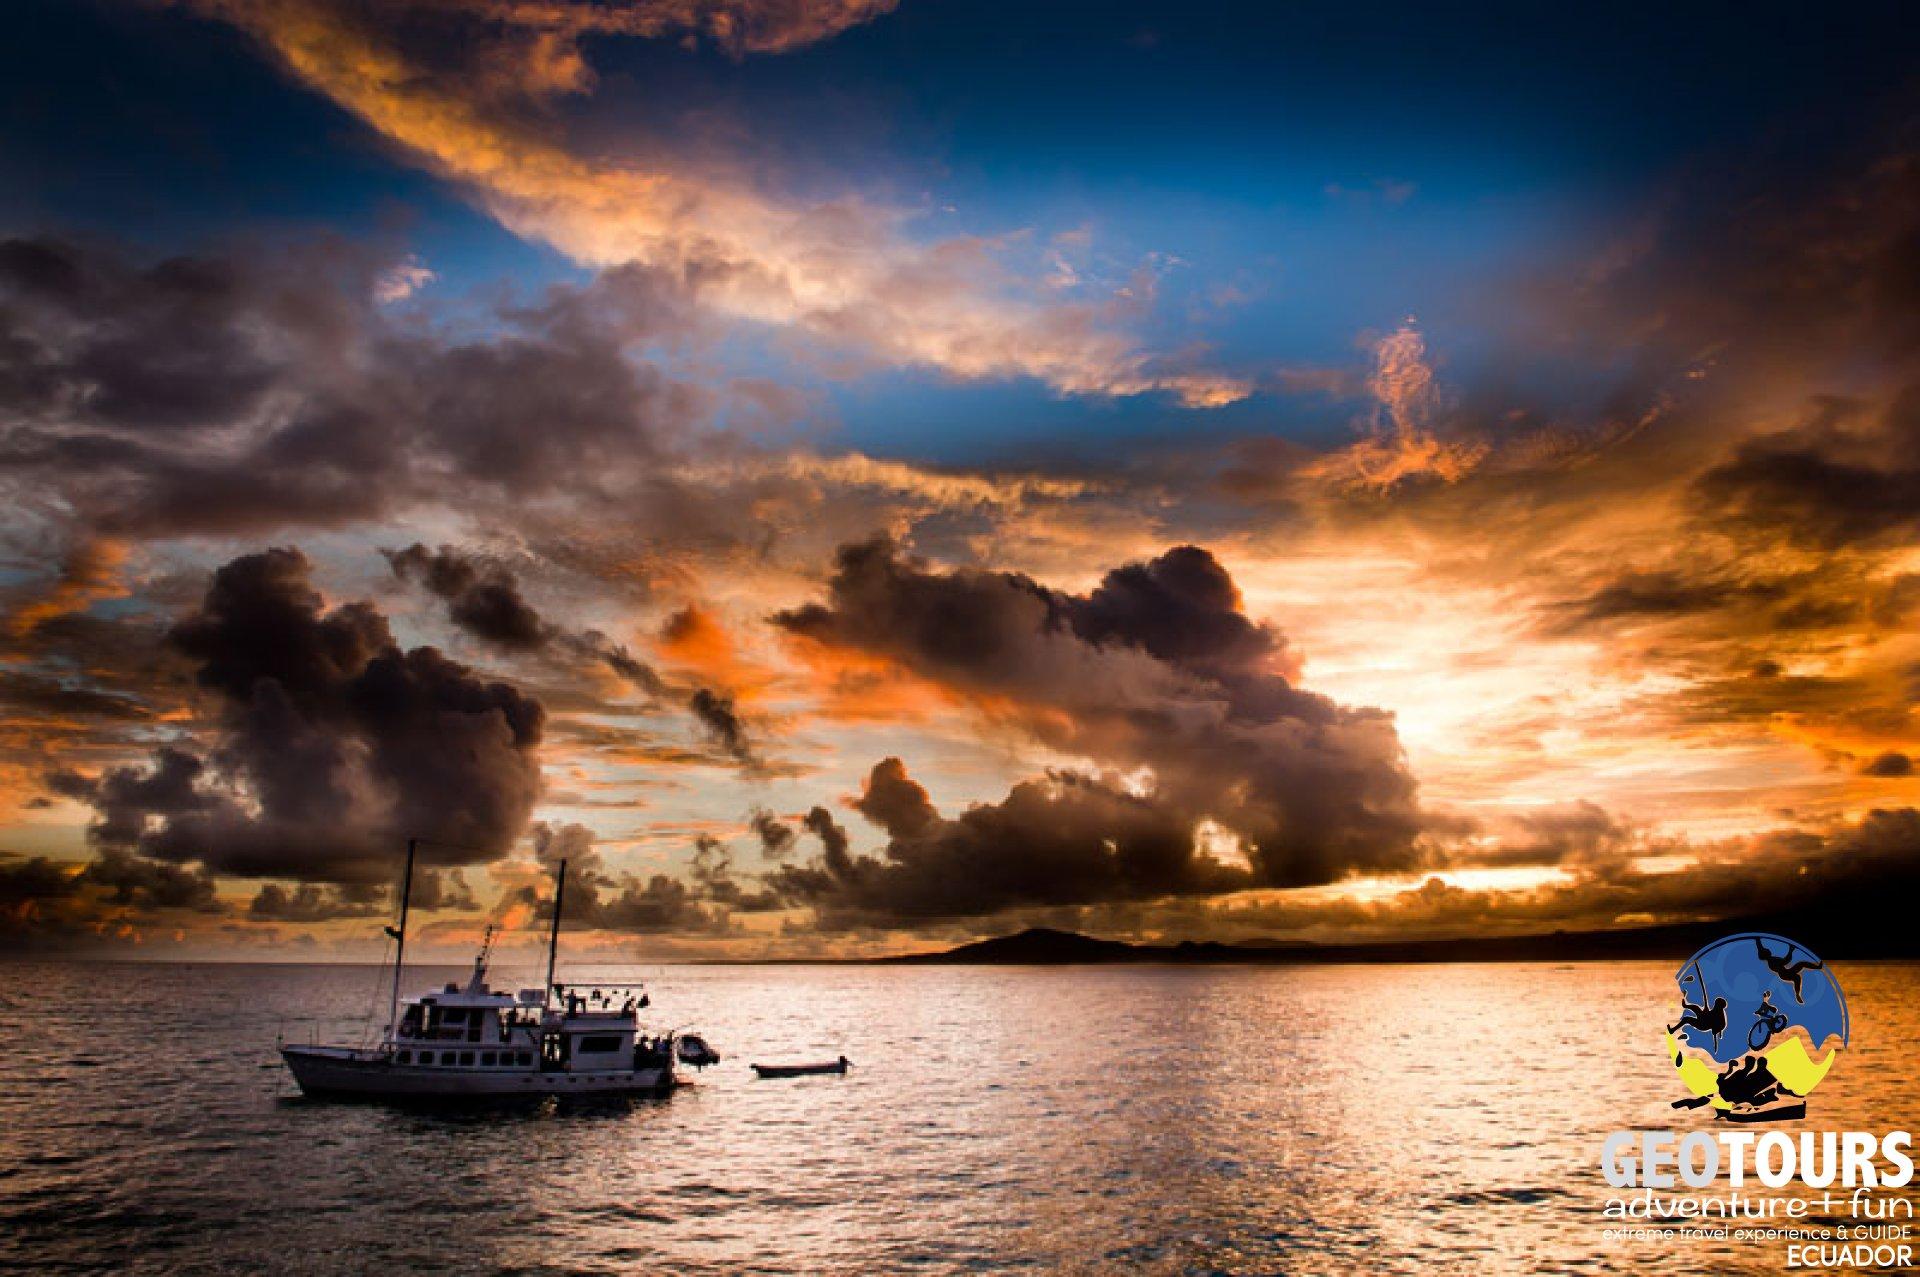 Golondrina Yacht - Galapagos Islands